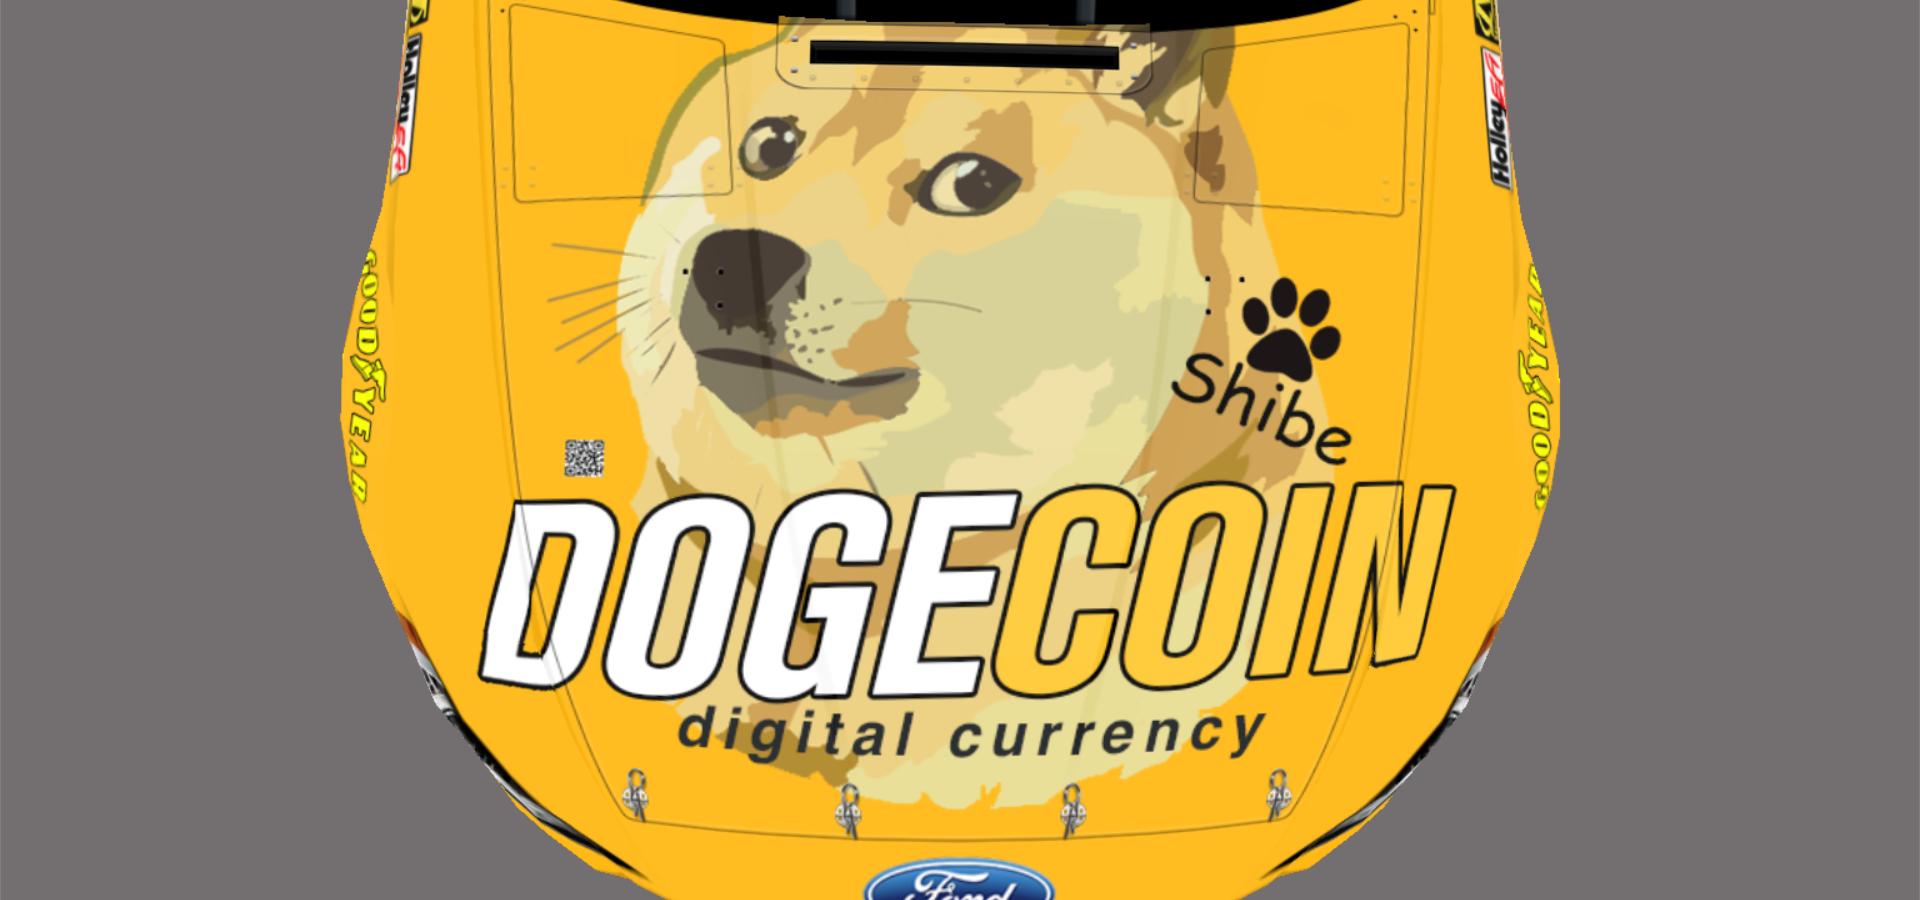 Dogecarhoodbywidowmakerxls Dccq